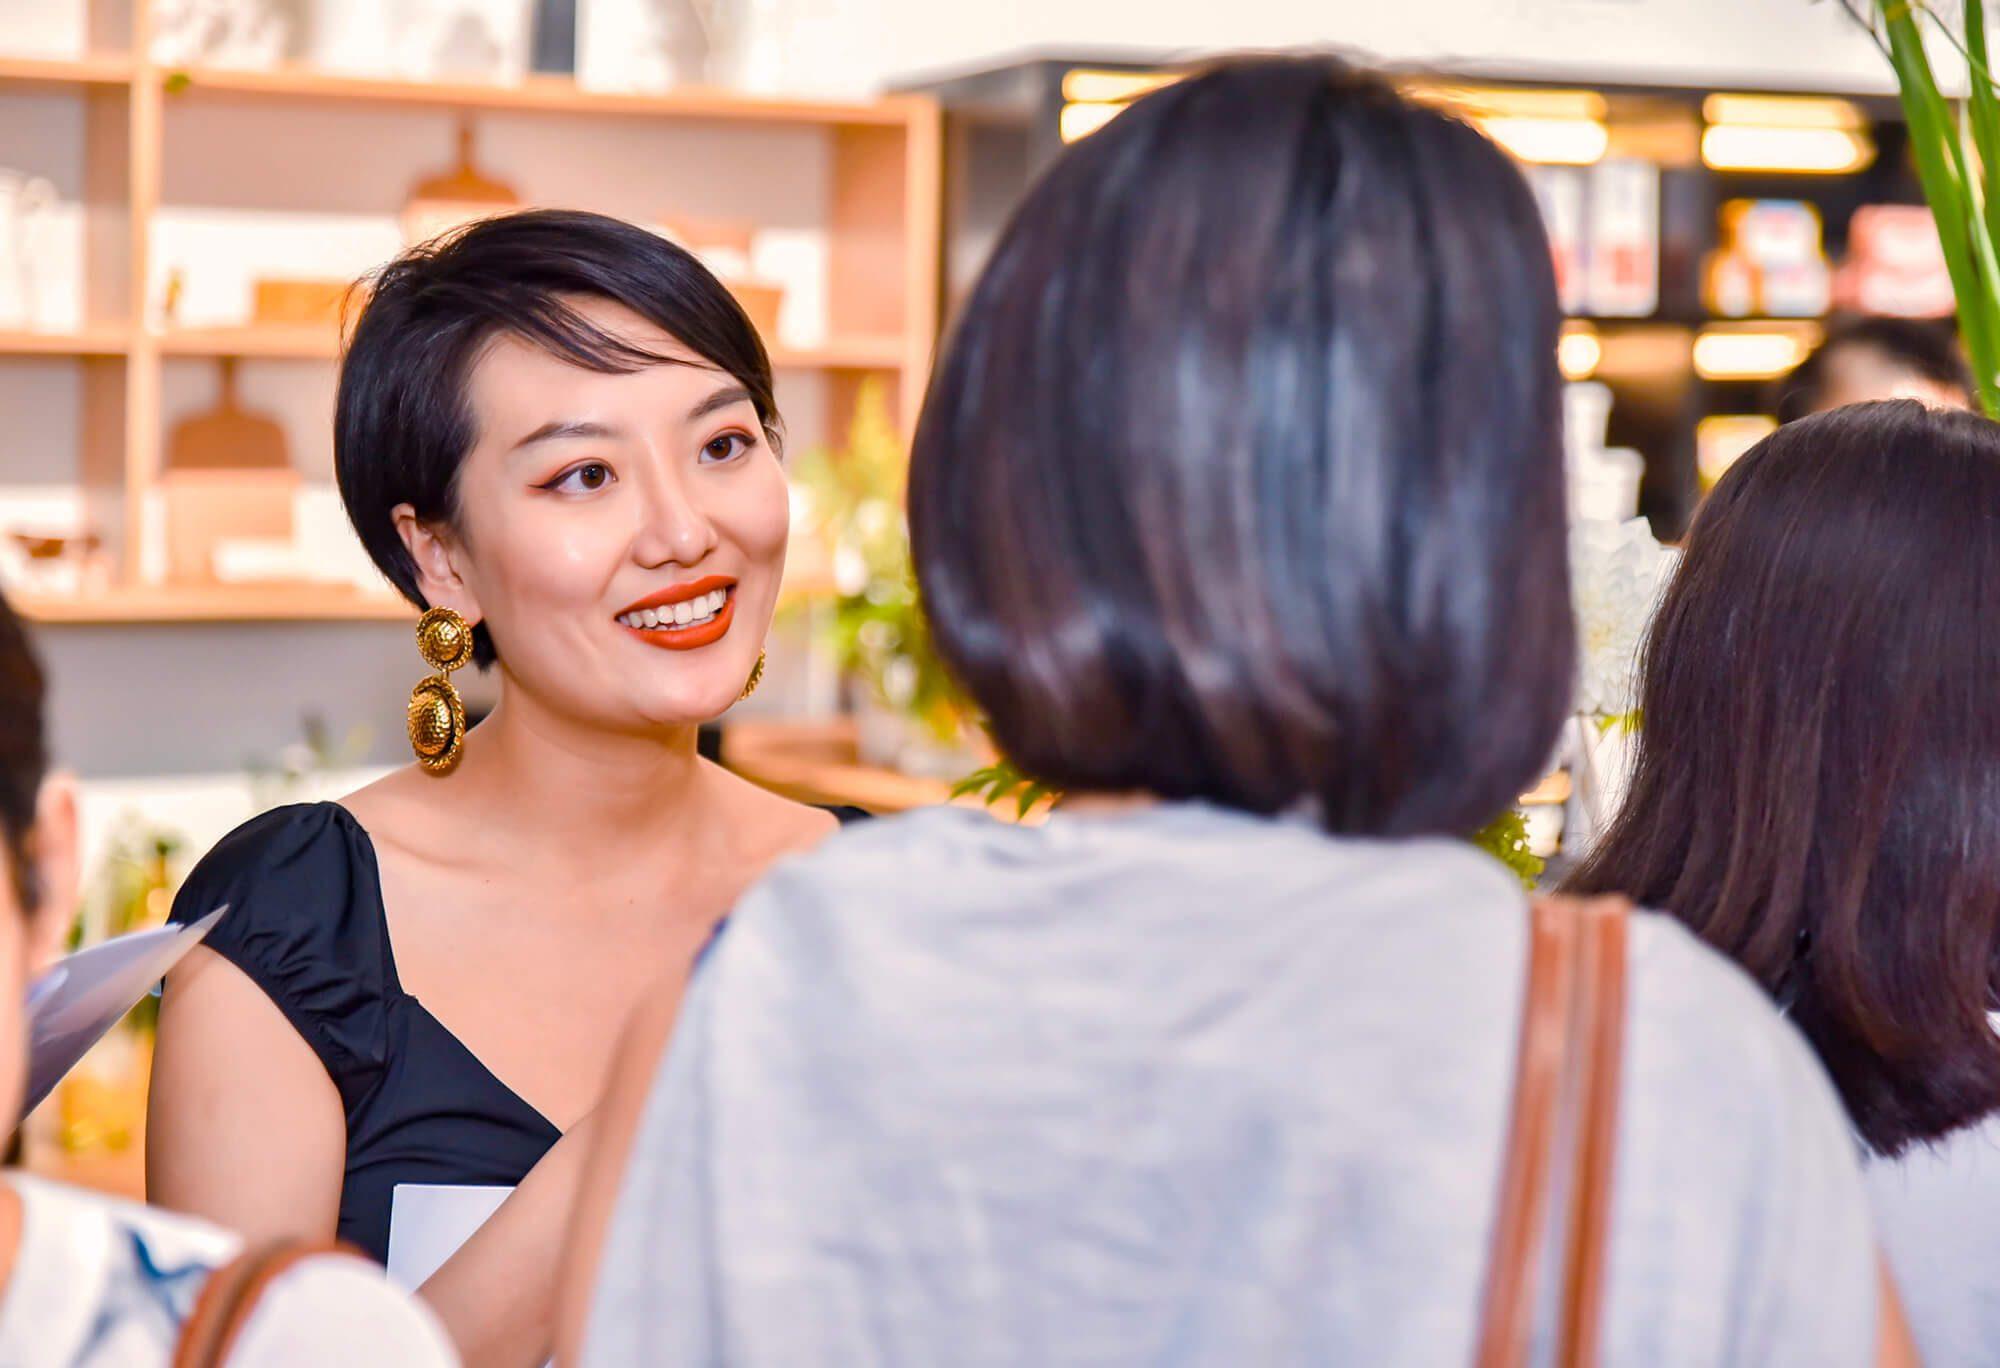 Les invités de la soirée d'ouverture du concept store La crèmerie à shanghai, un projet d'architecture intérieur par IchetKar